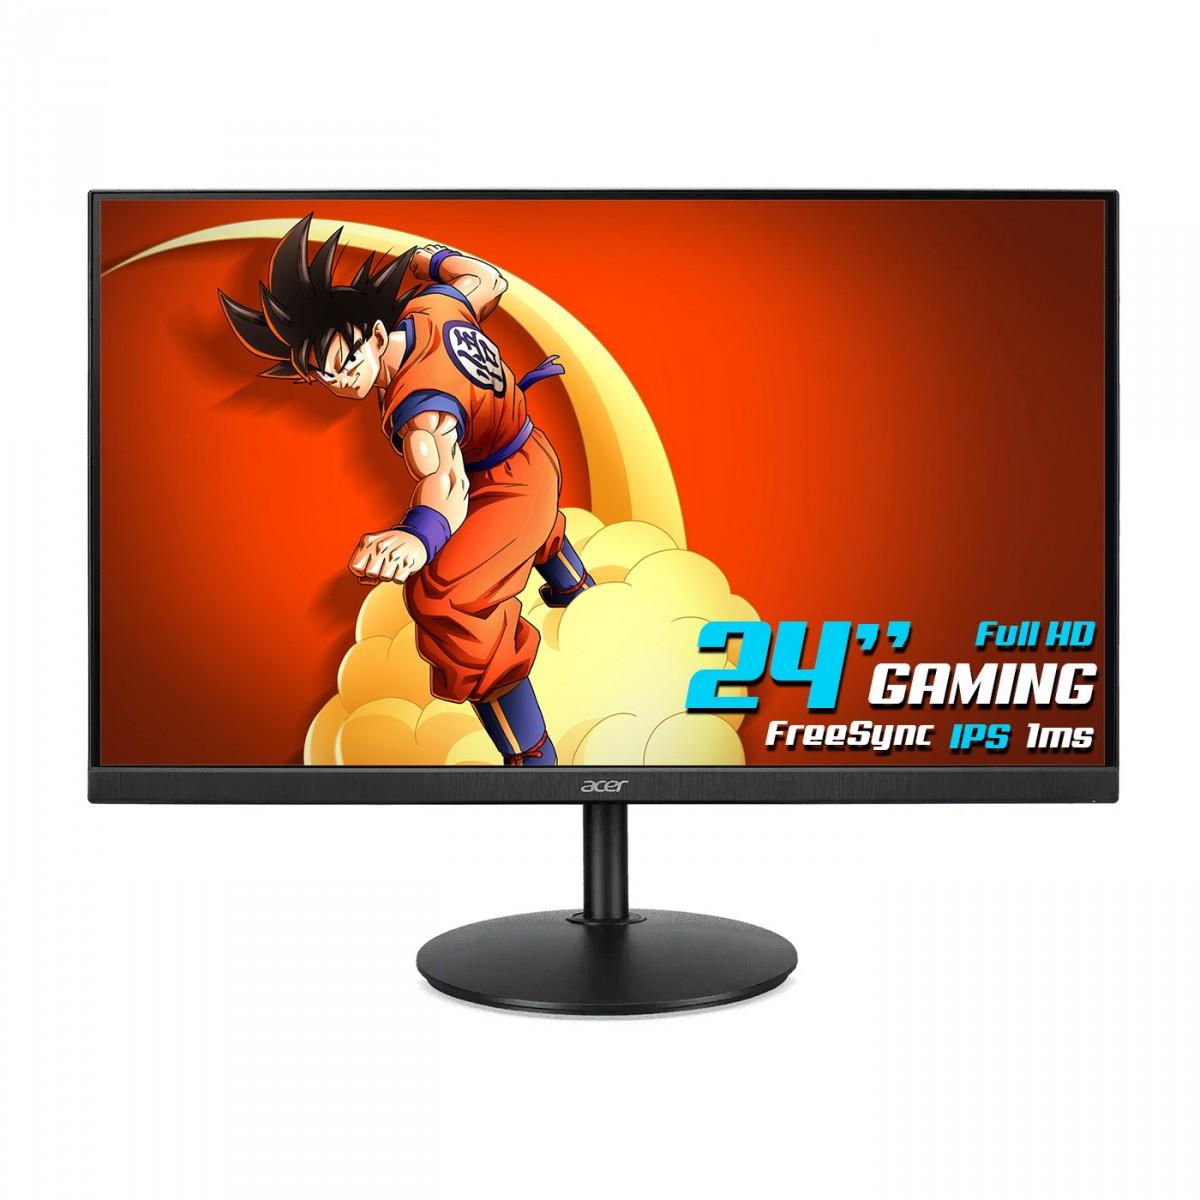 Monitor Gamer Acer, CB242Y BMIPRX, 24 Pol, IPS, Full HD, FreeSync, 1ms, HDMI, VGA, DP, CB242Y